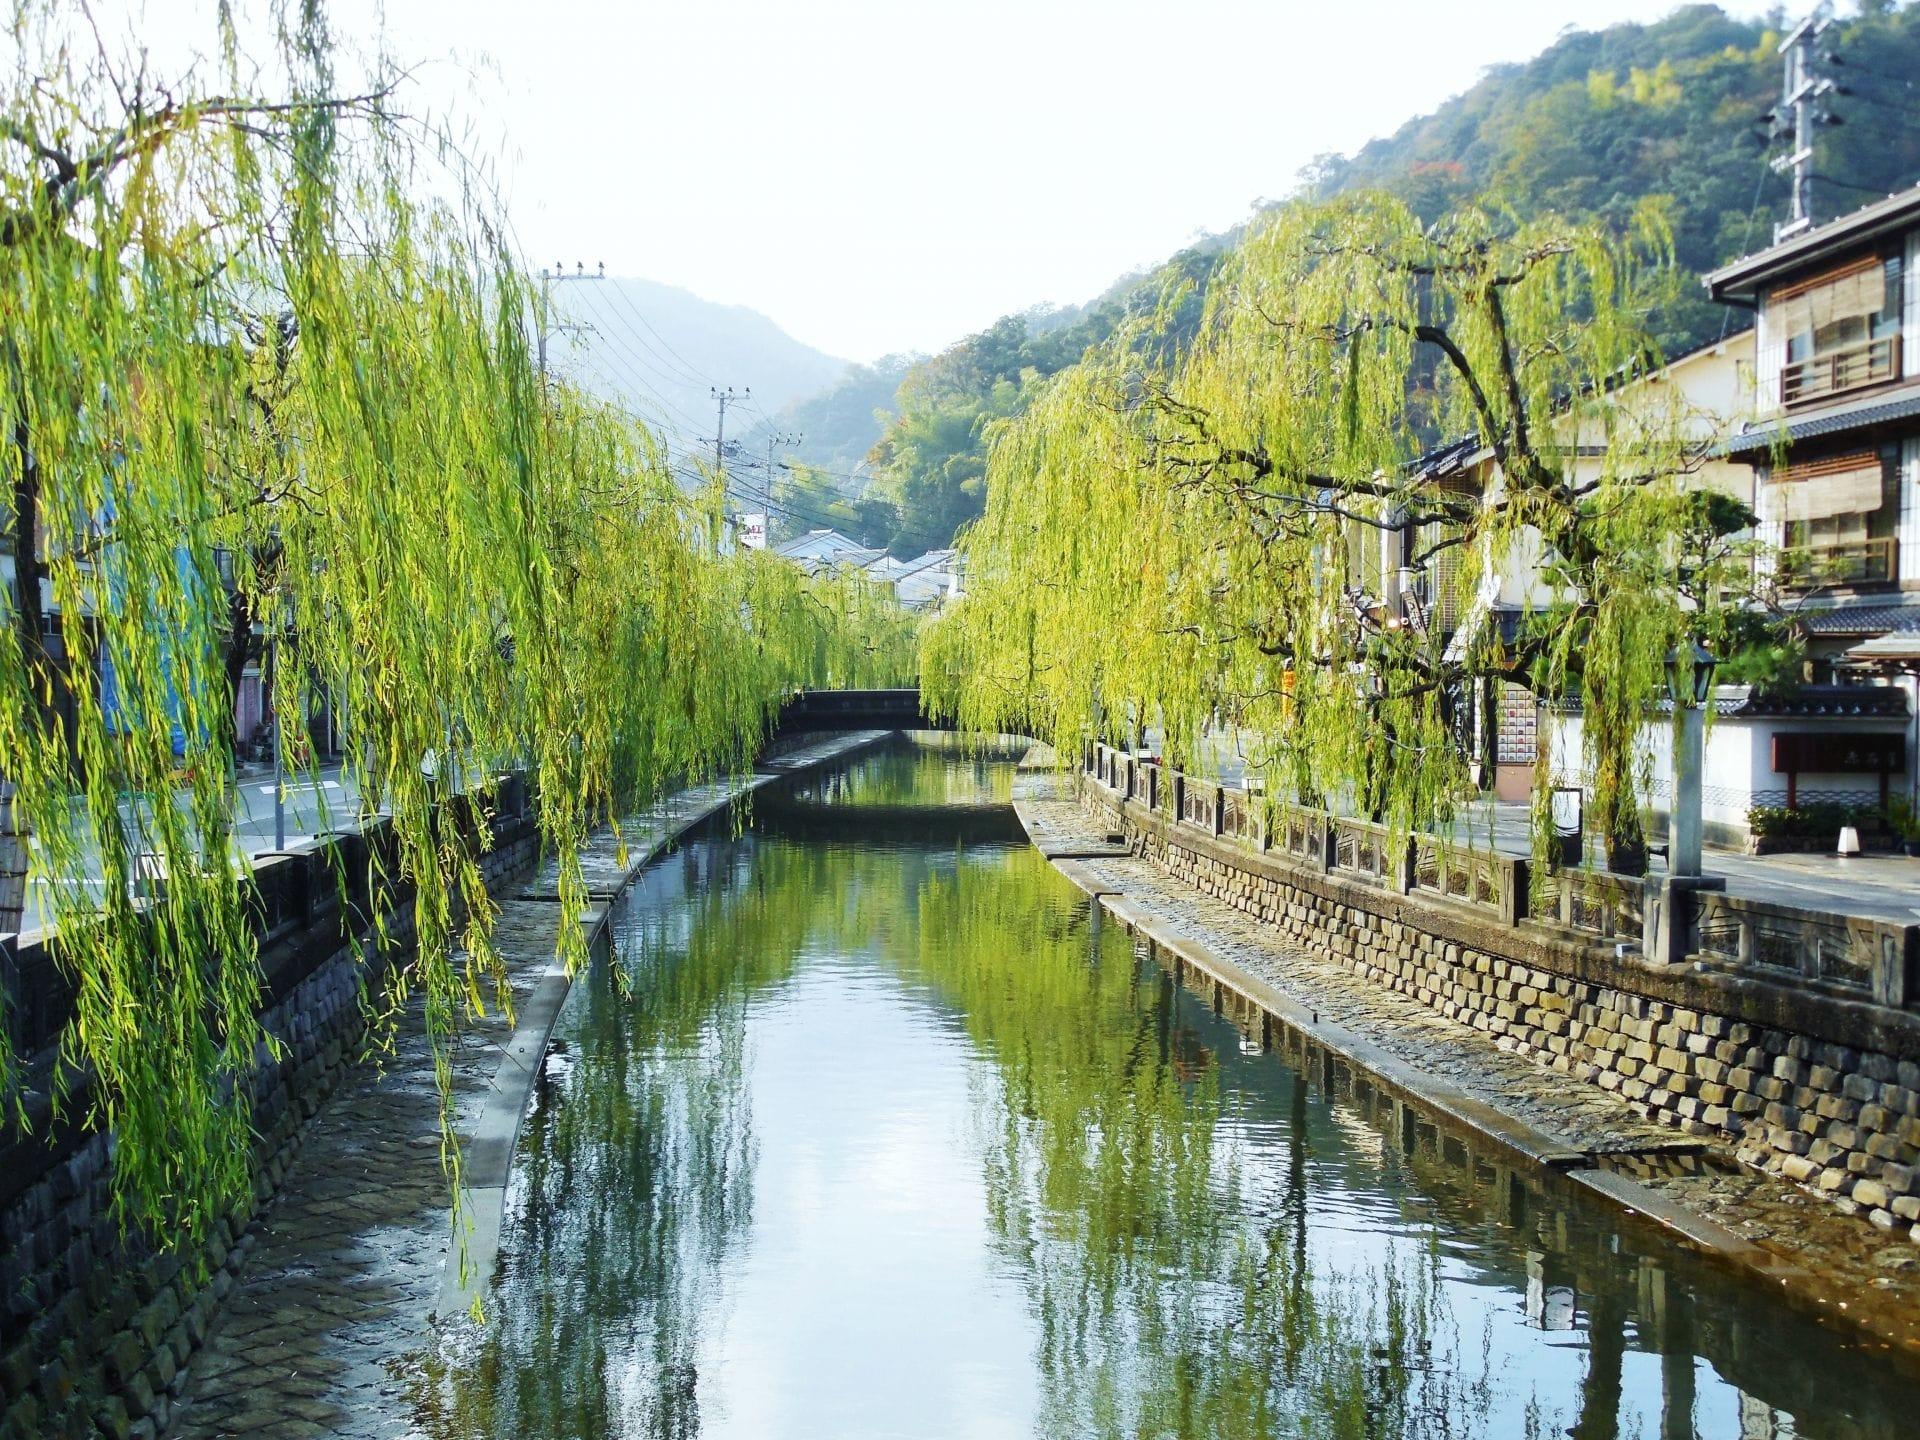 不論是住一晚還是當天來回都很推薦!想從京都或大阪前往的溫泉觀光地五選